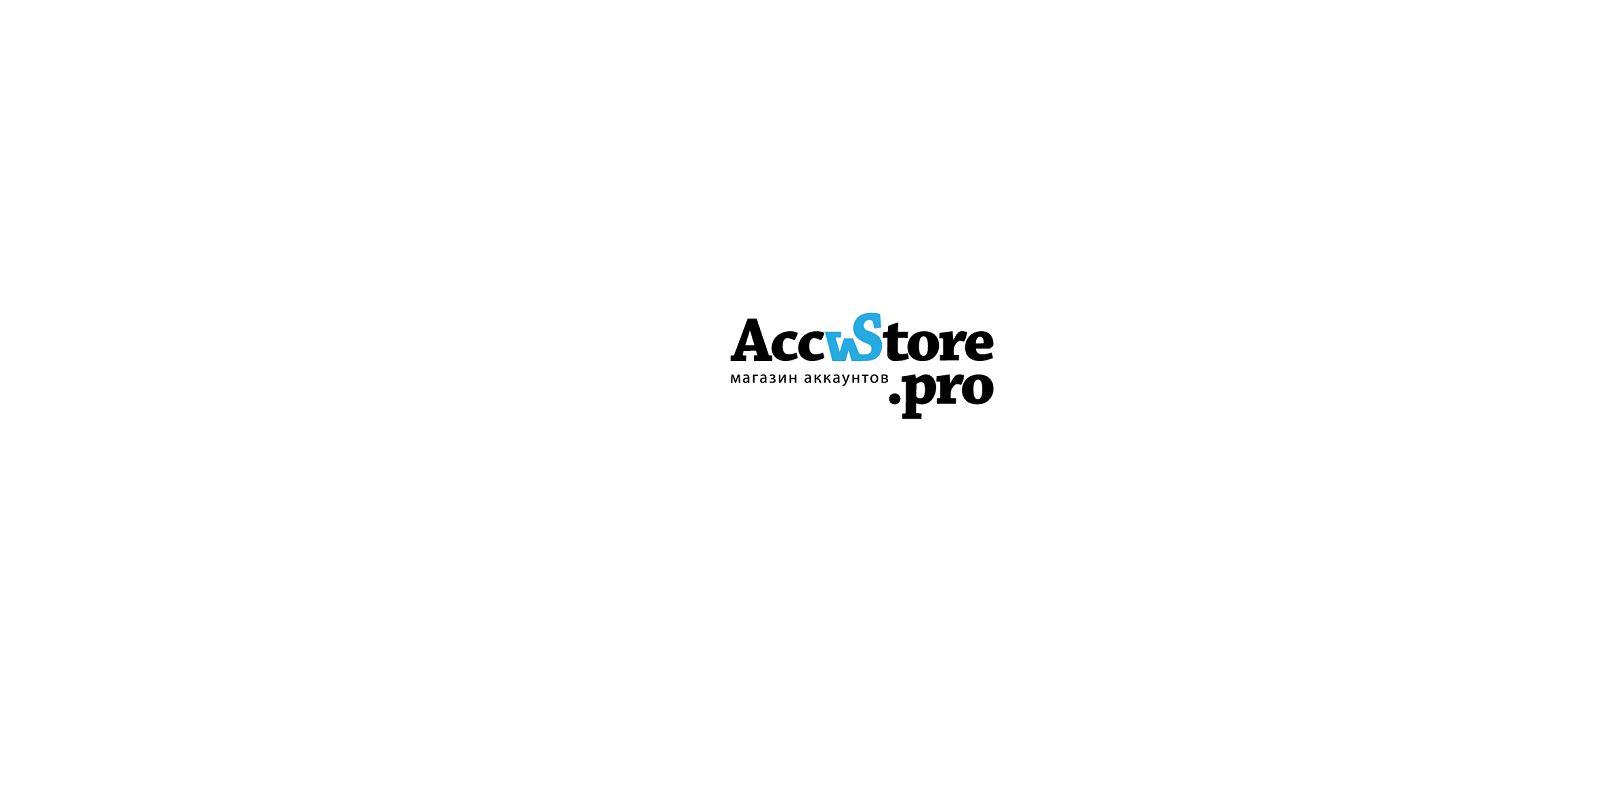 Логотип для магазина аккаунтов - дизайнер arturus